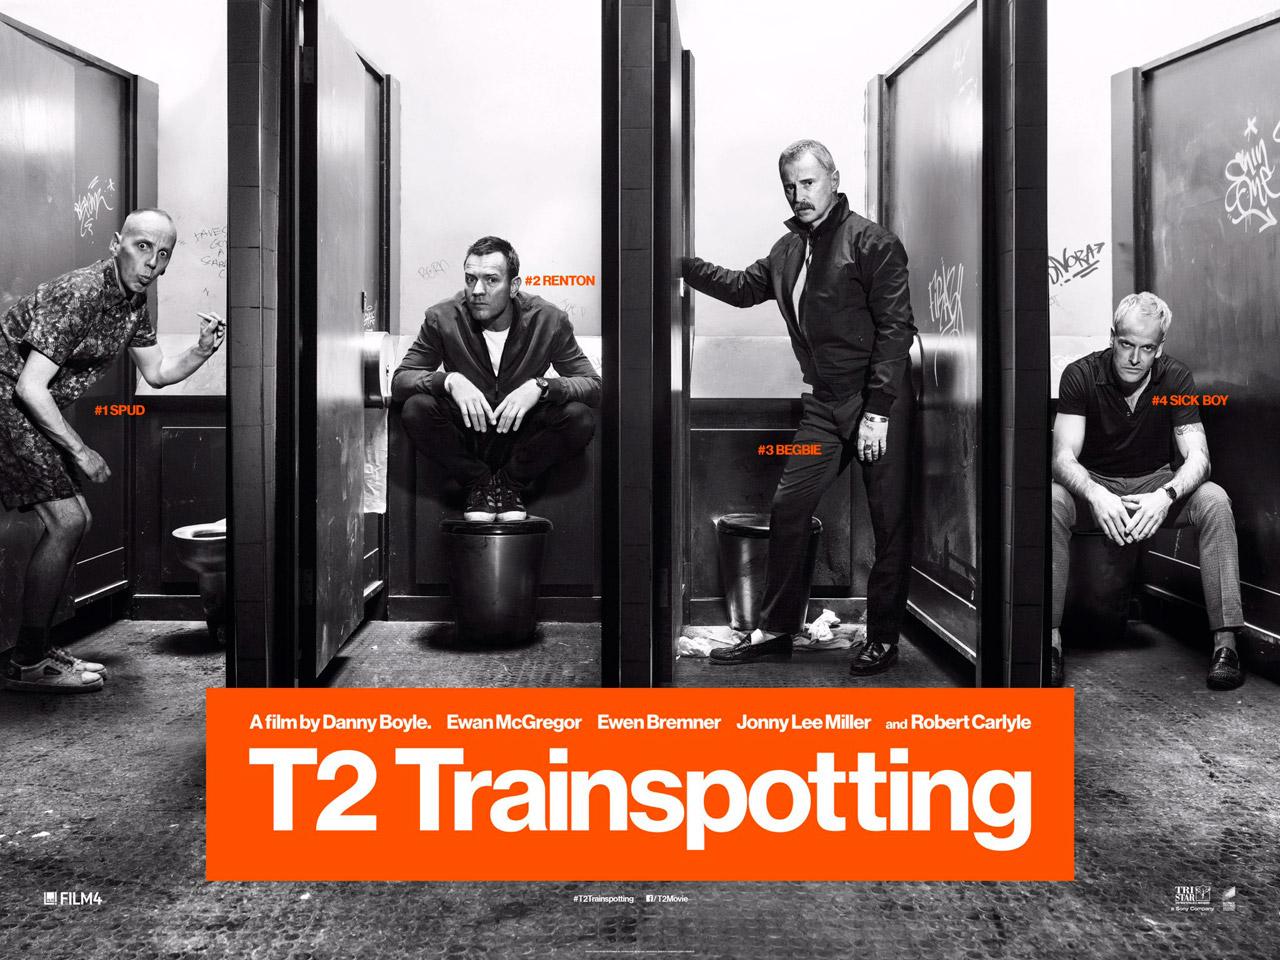 Trainspotting 2 Trailer & Poster